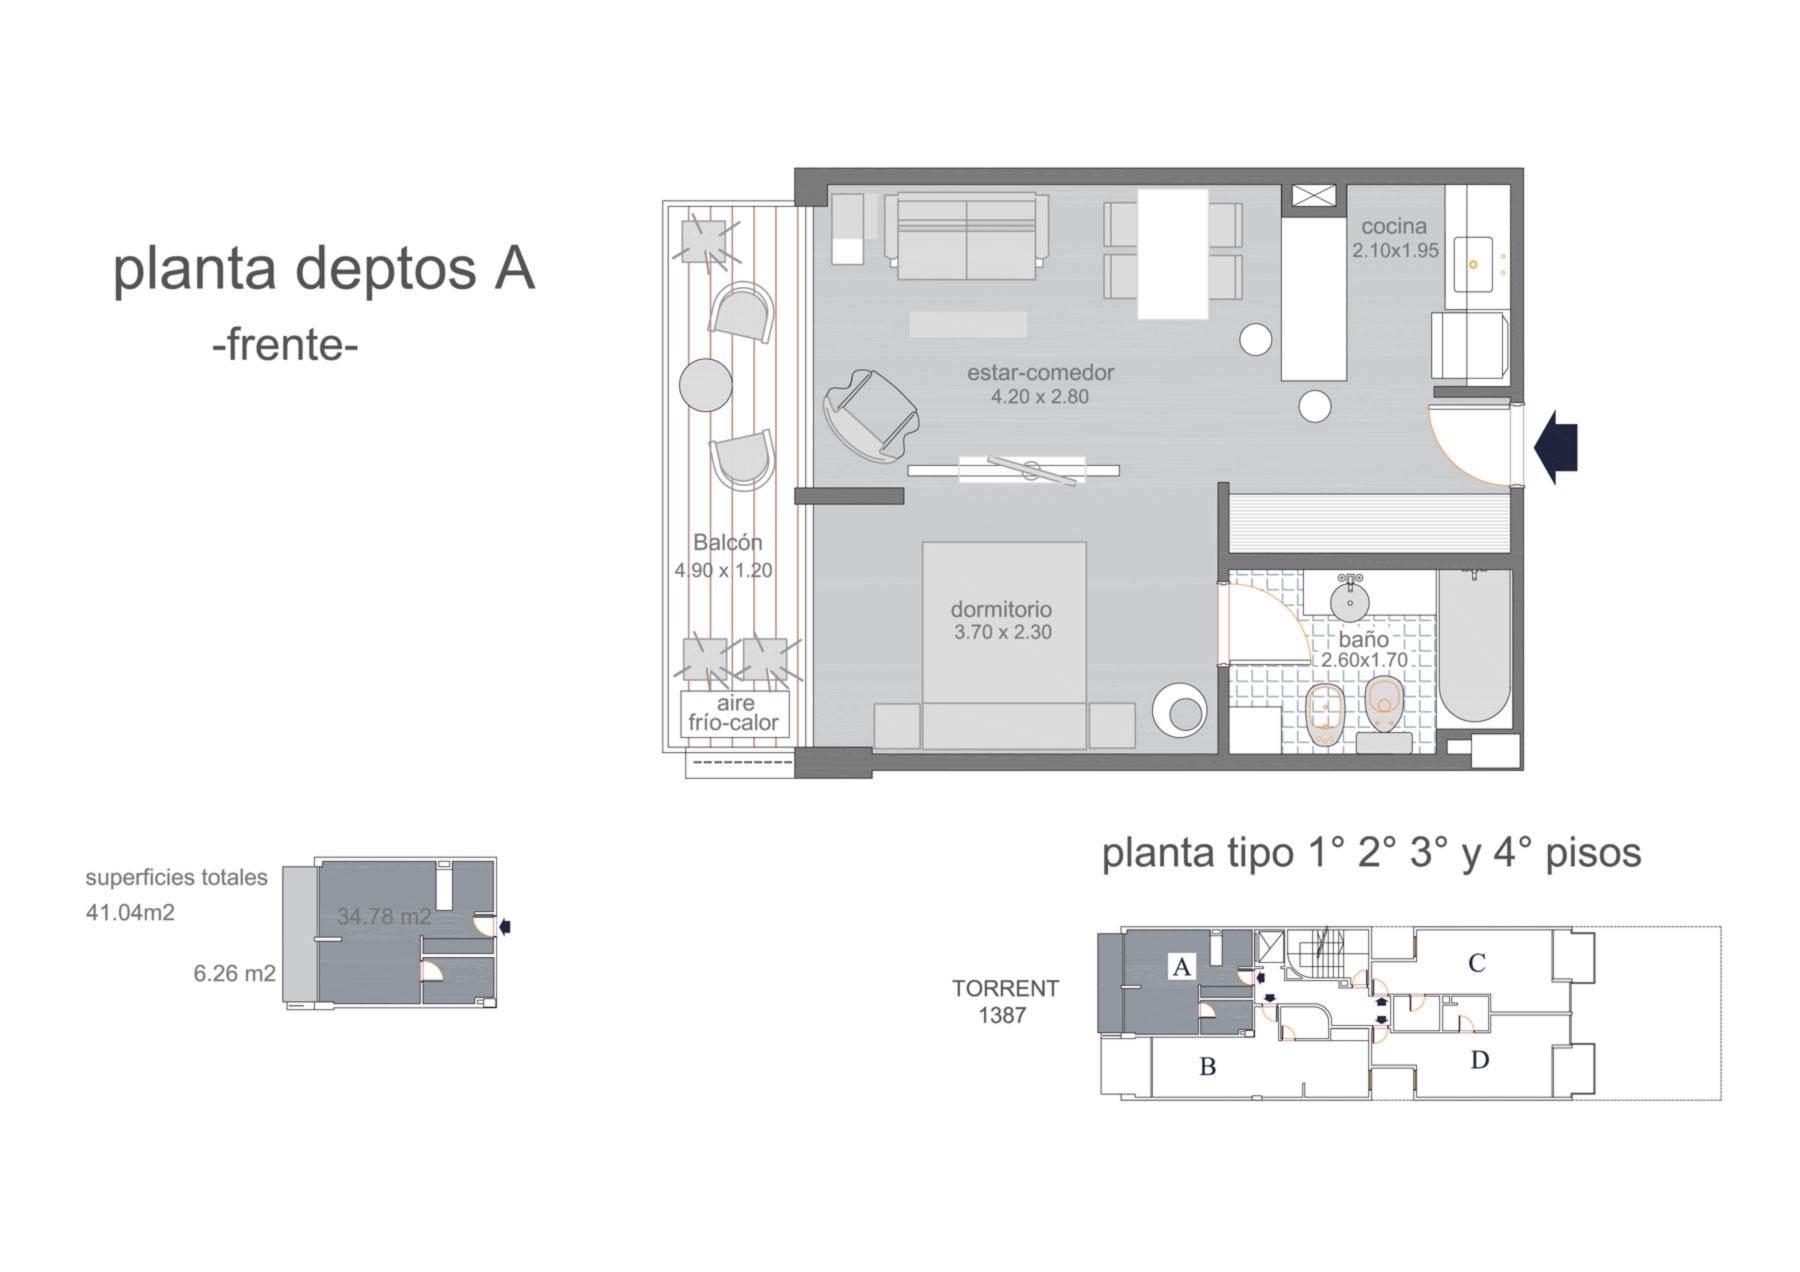 Dpto A piso 1 al 4